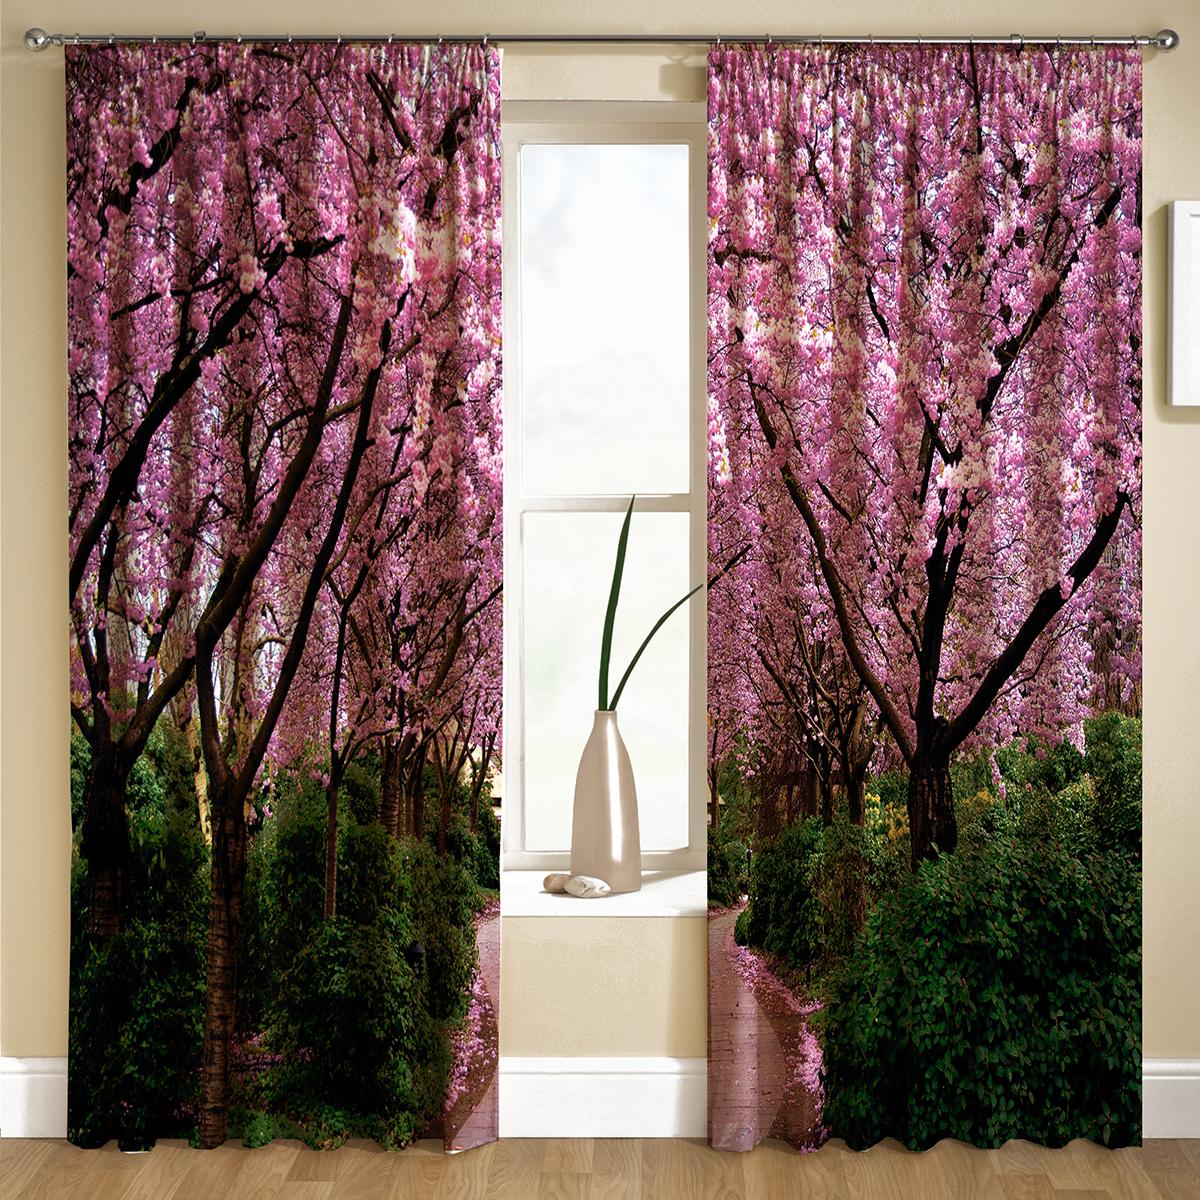 Комплект штор МарТекс Розовая долина, цвет: фиолетовый, зеленый, черный, высота 270 см16-1446-1Комплект штор МарТекс Розовая долина, выполненный из качественного габардина, великолепно украсит любое окно. Ткань с печатным оригинальным рисунком привлечет к себе внимание и органично впишется в интерьер помещения. Этот комплект будет долгое время радовать вас и вашу семью! В комплекте 2 шторы: ширина - 150 см,высота - 270 см.